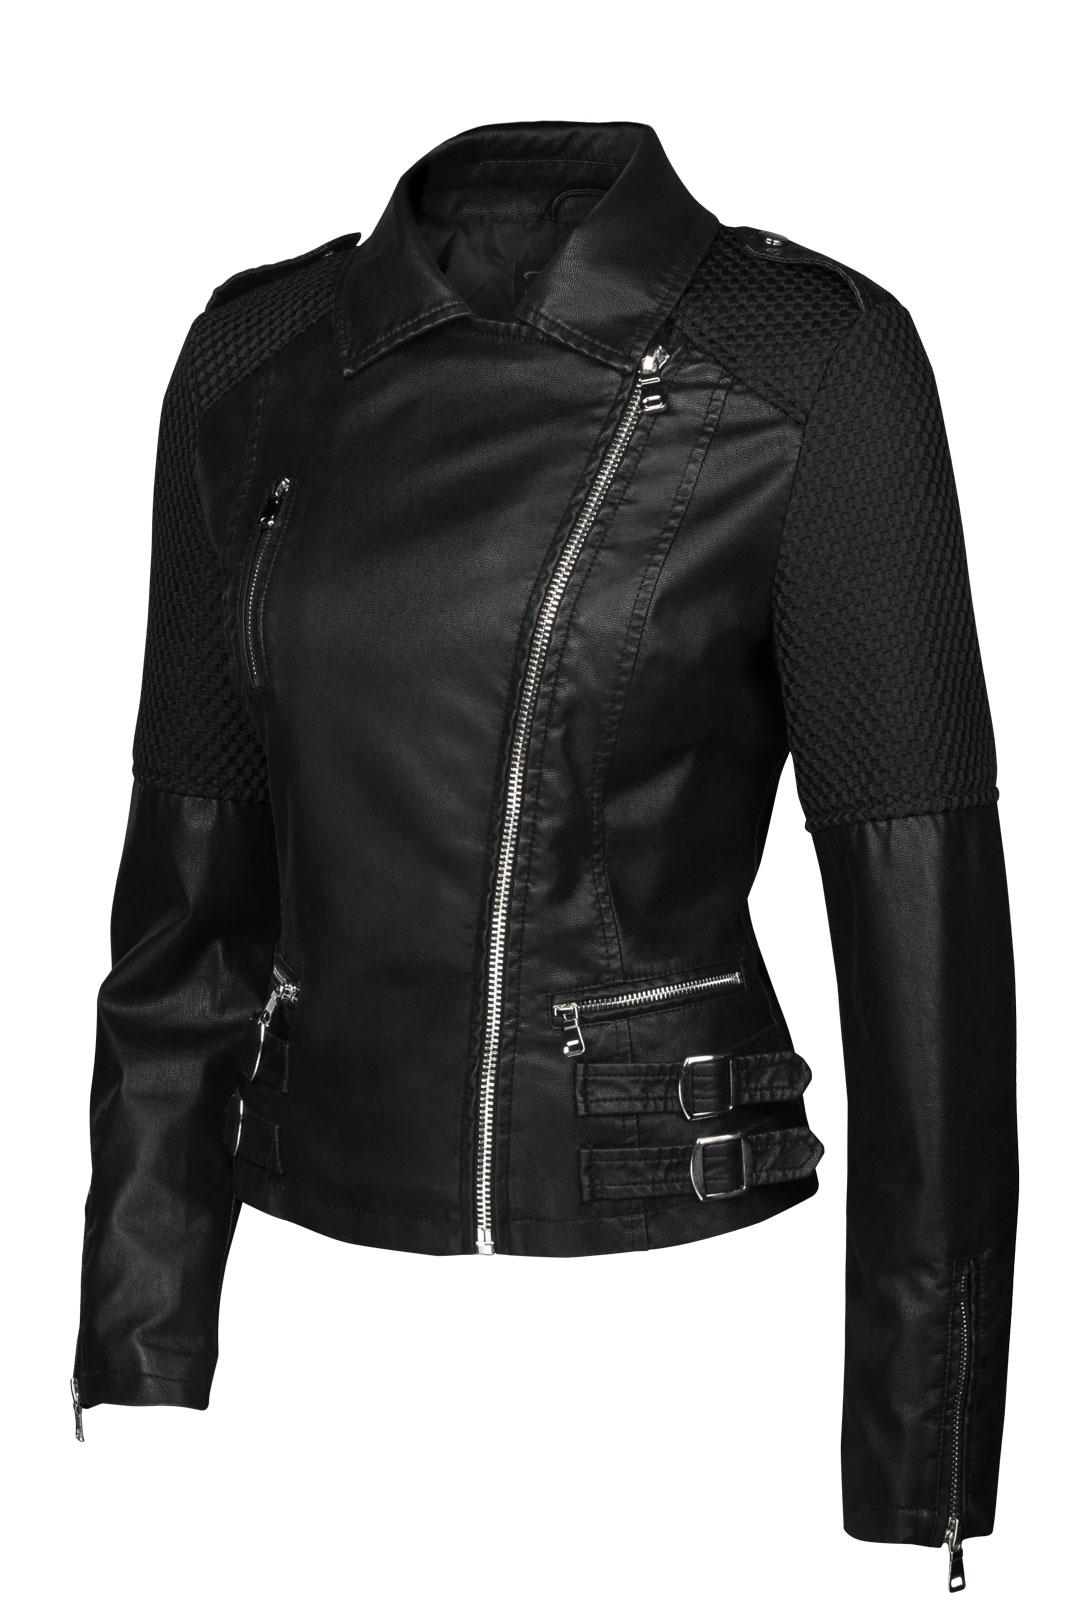 trisens damen lederjacke biker kurz motorrad jacke trenchcoat kunst pu leder ebay. Black Bedroom Furniture Sets. Home Design Ideas